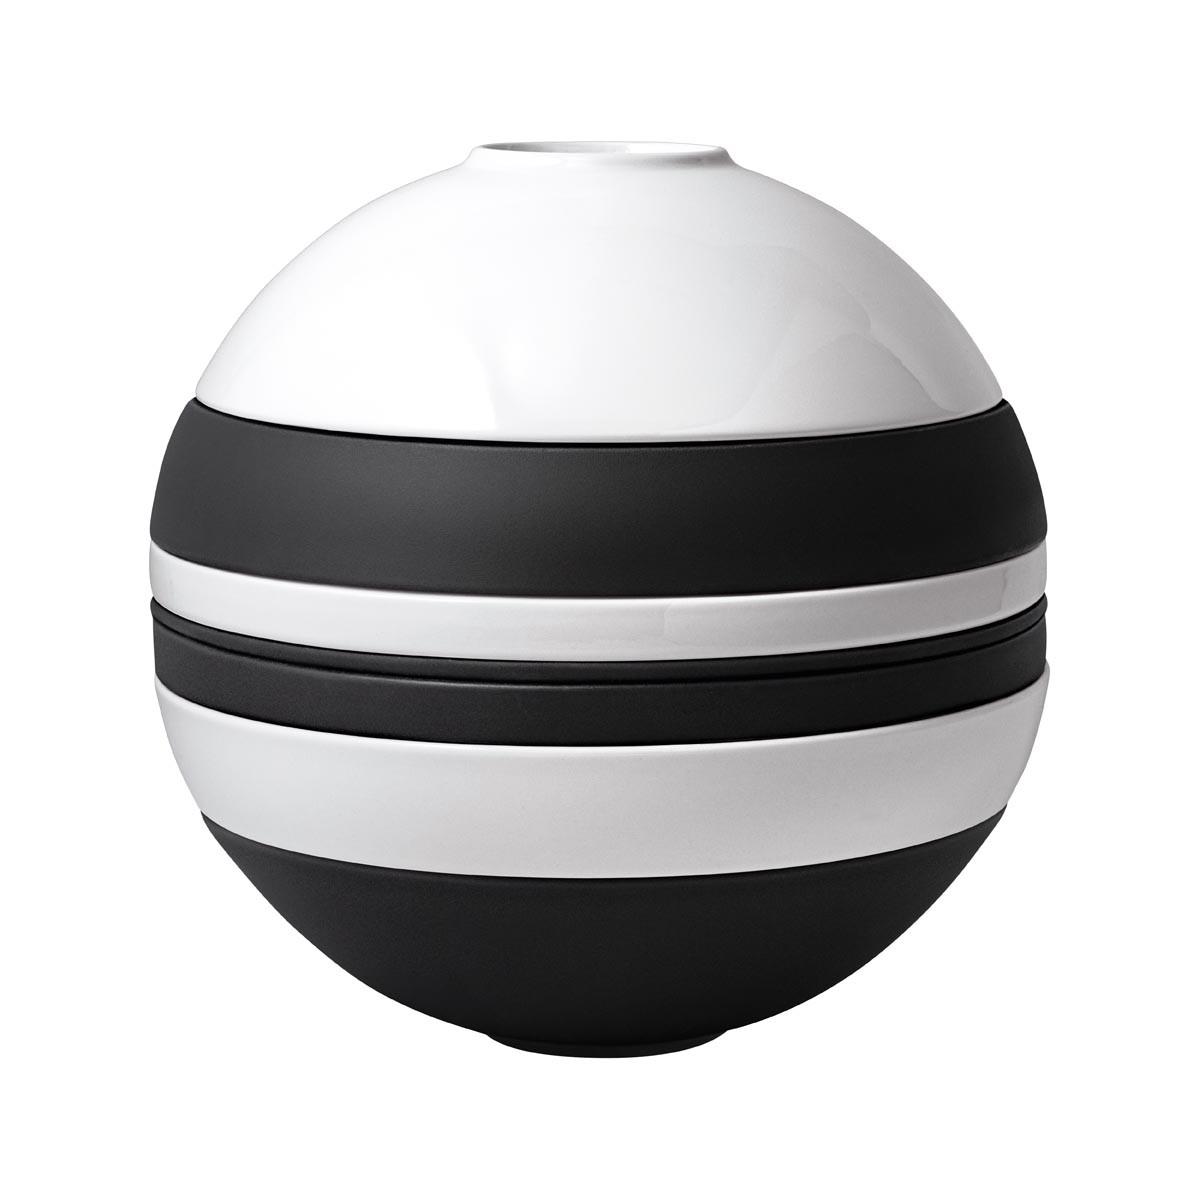 Zastawa 7-el. La Boule Iconic biało-czarna Villeroy & Boch (1)